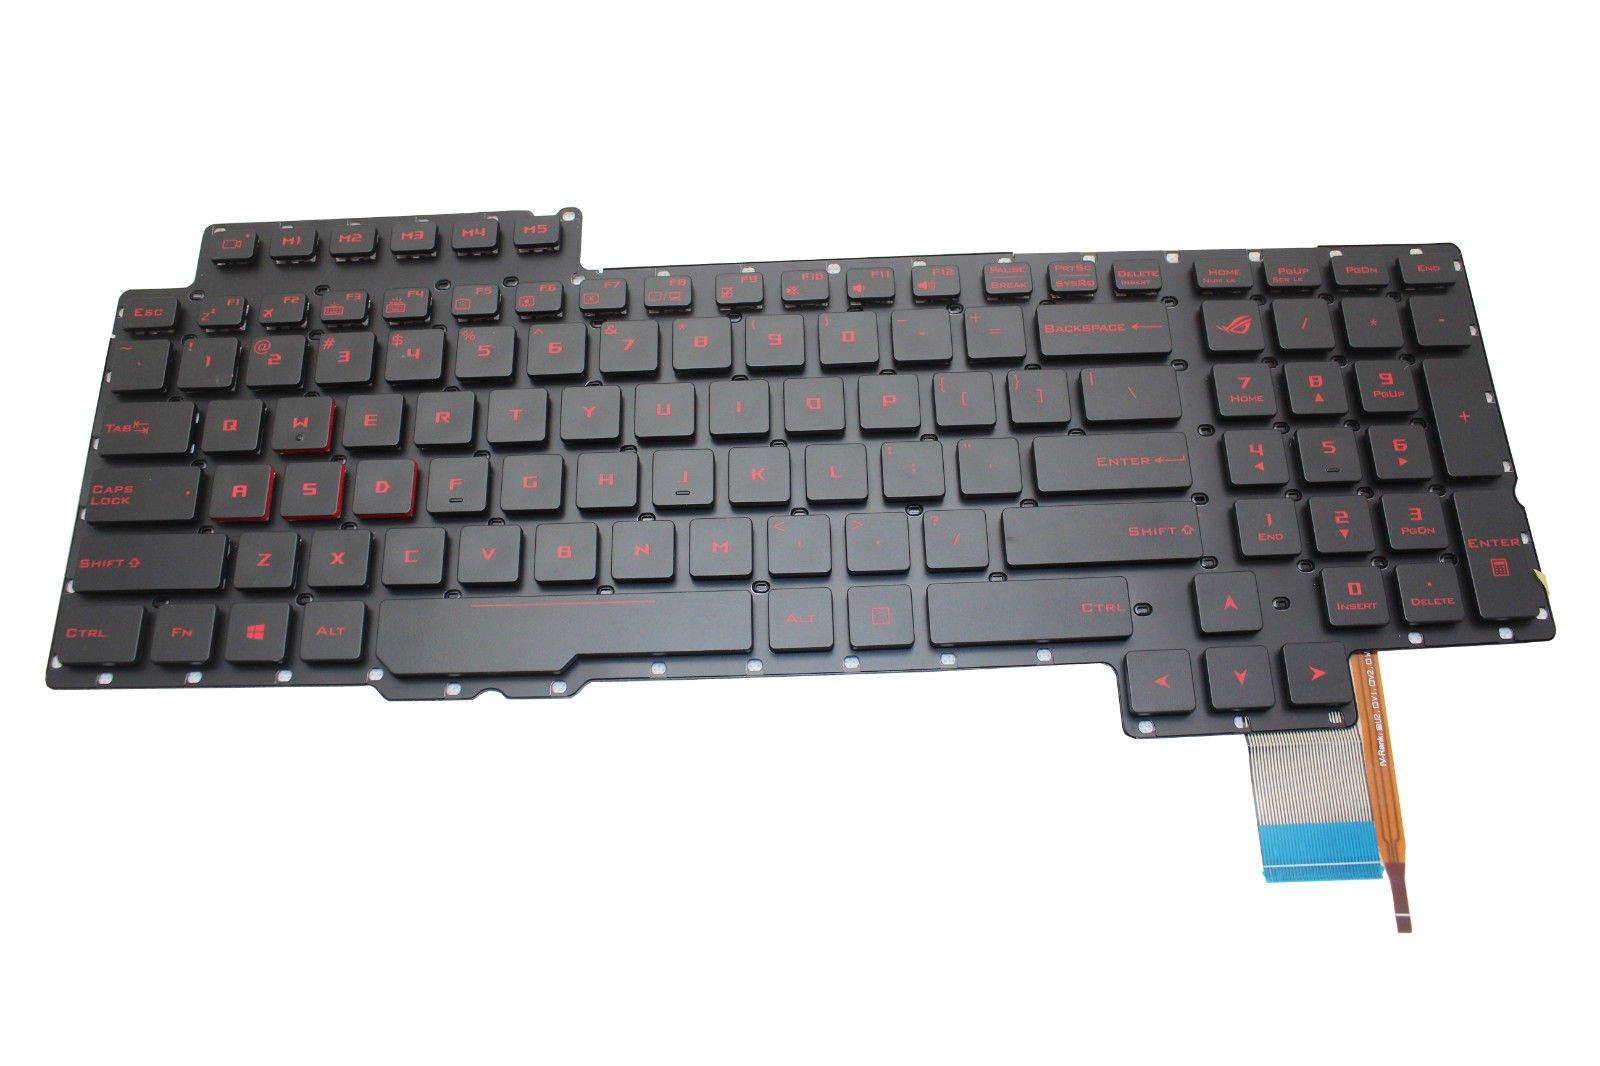 Original New for Asus ROG G752V G752VL G752VS US Backlit Keyboard